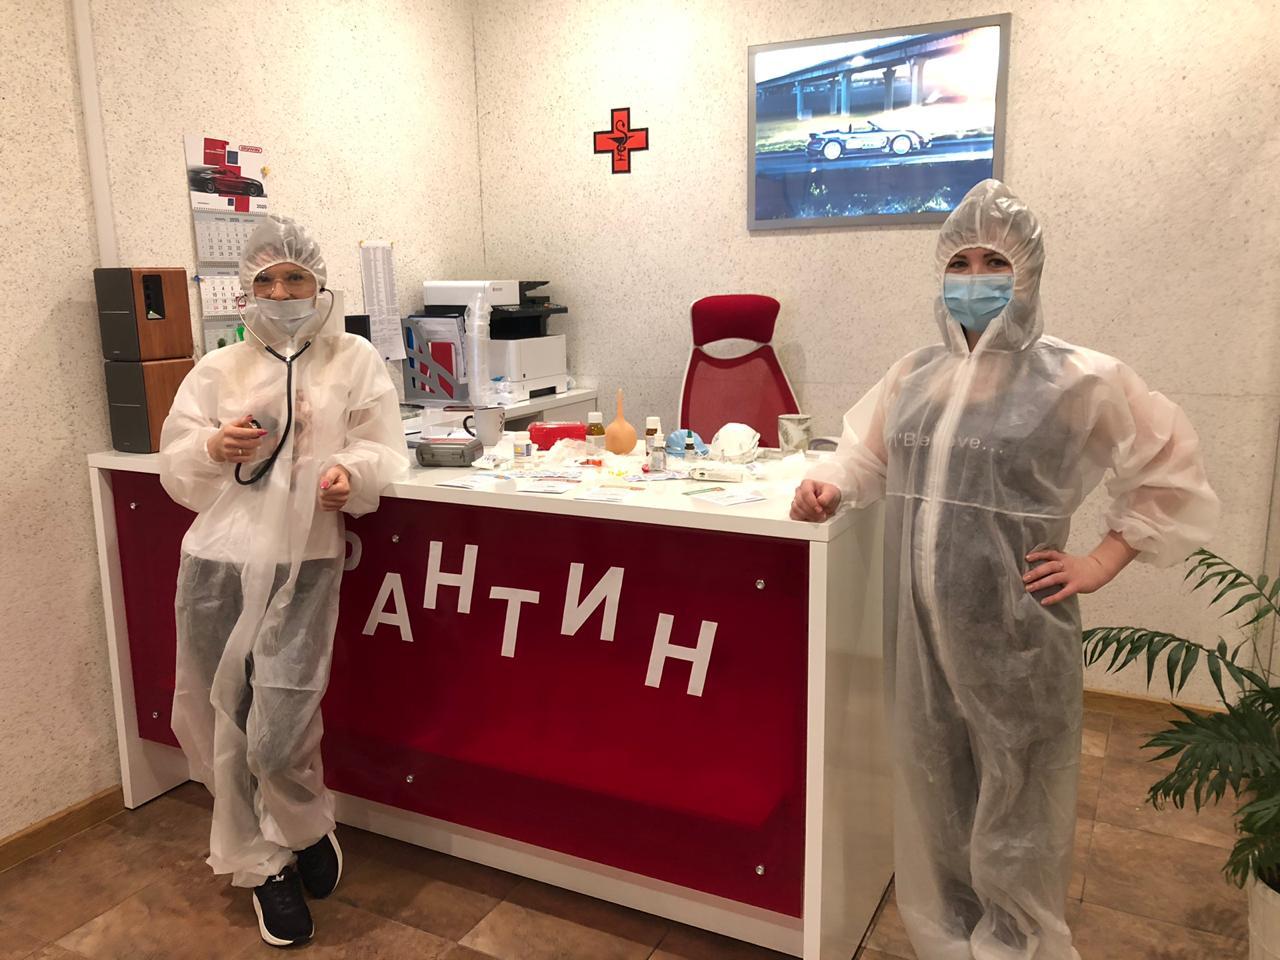 В ГК «Фаворит» не обошли тему коронавируса. Мужчин встретили в медицинских костюмах, а вместо поздравления провели осмотр